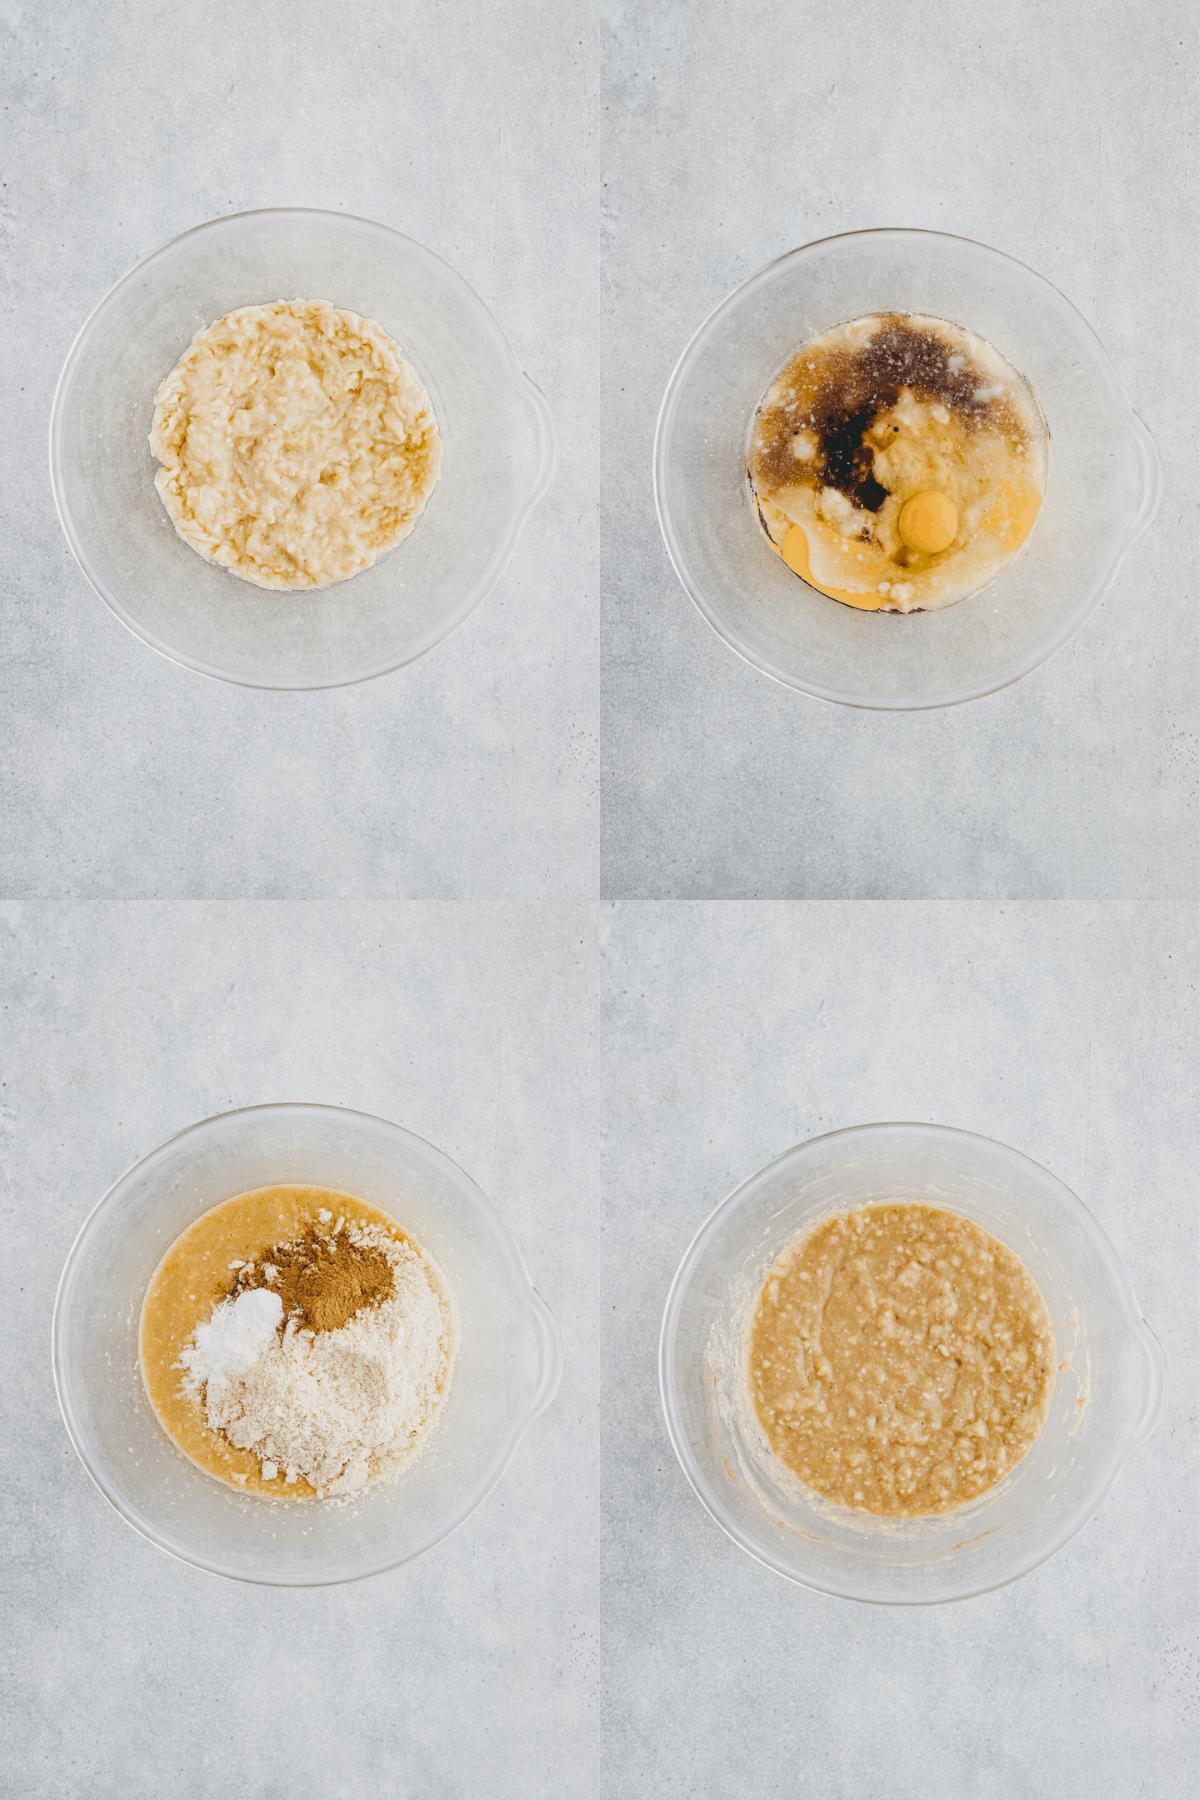 Paleo Banana Bread Recipe Step 1-4